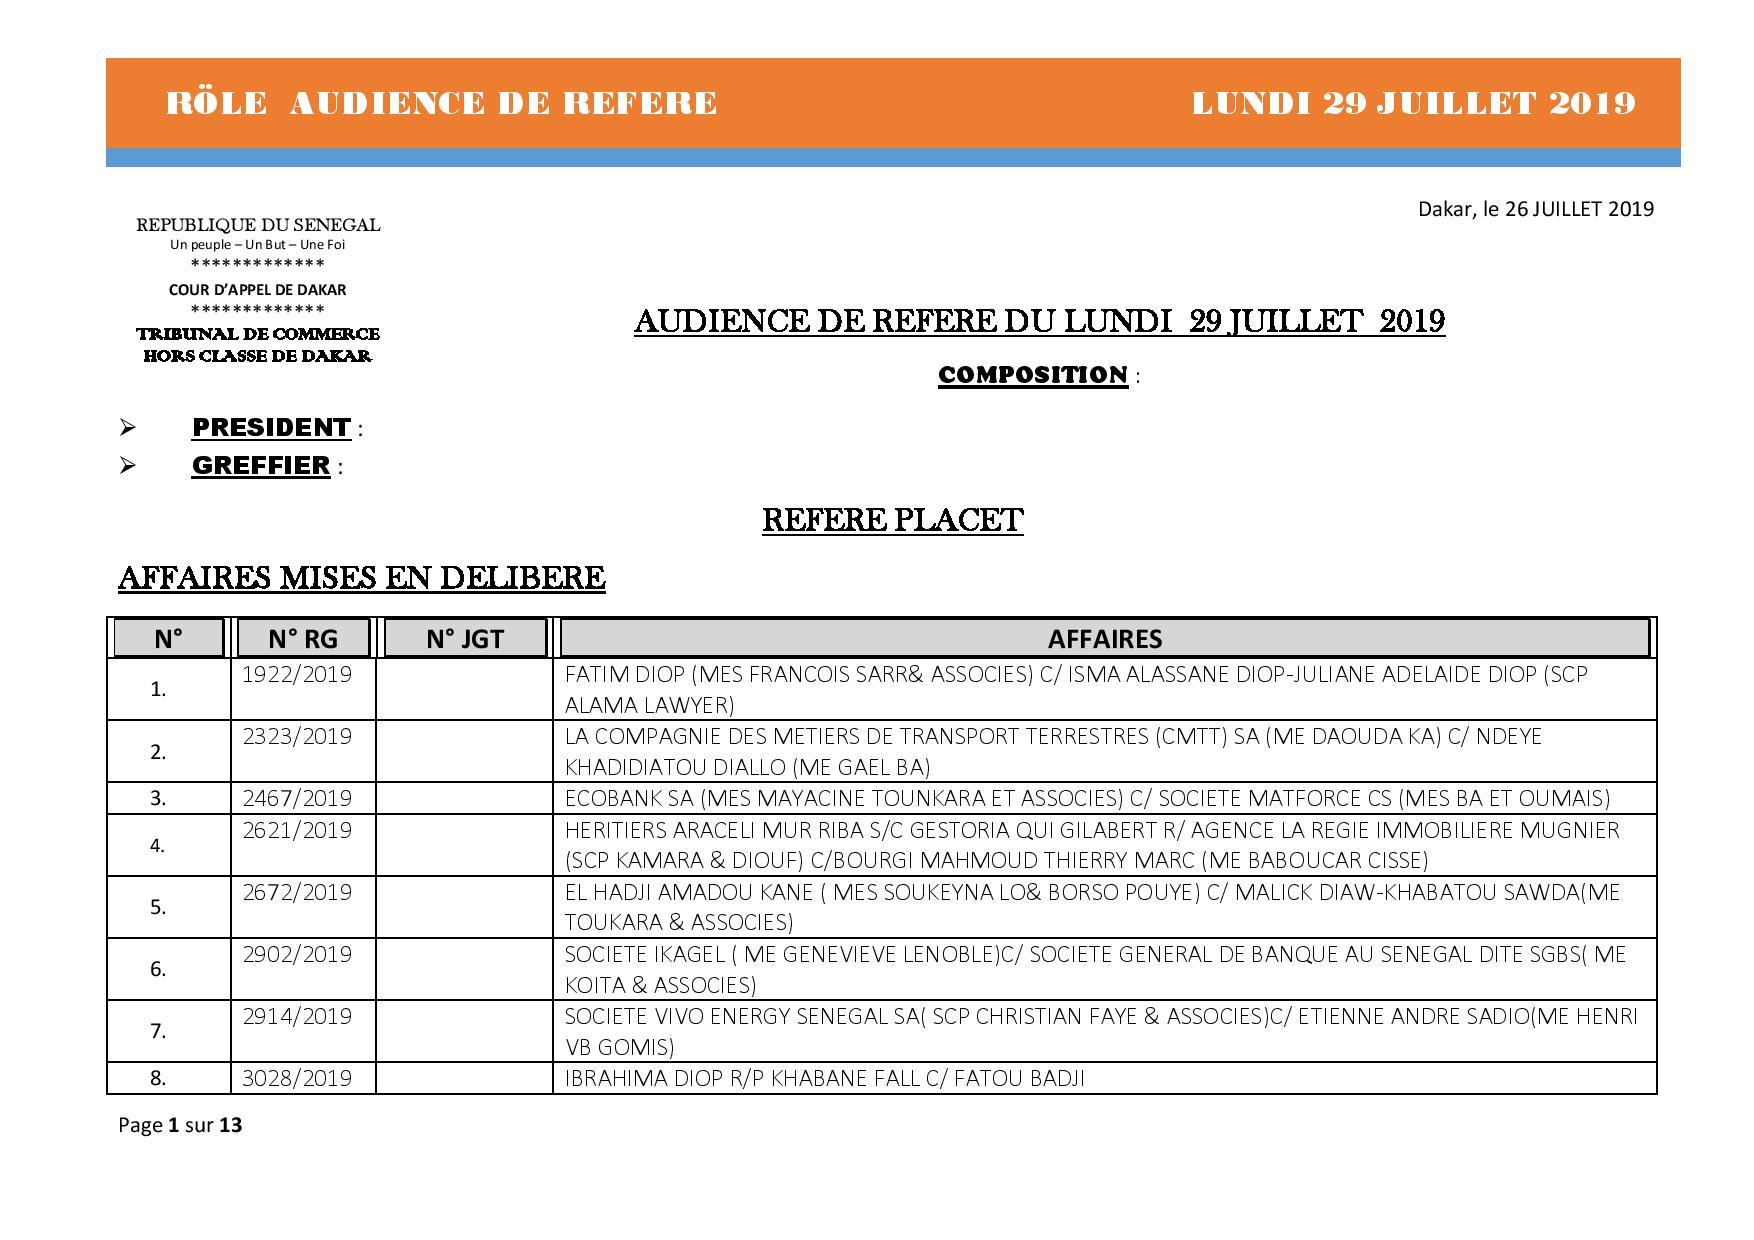 Tribunal du Commerce: Audiences des Référés de ce lundi 29 juillet 2019